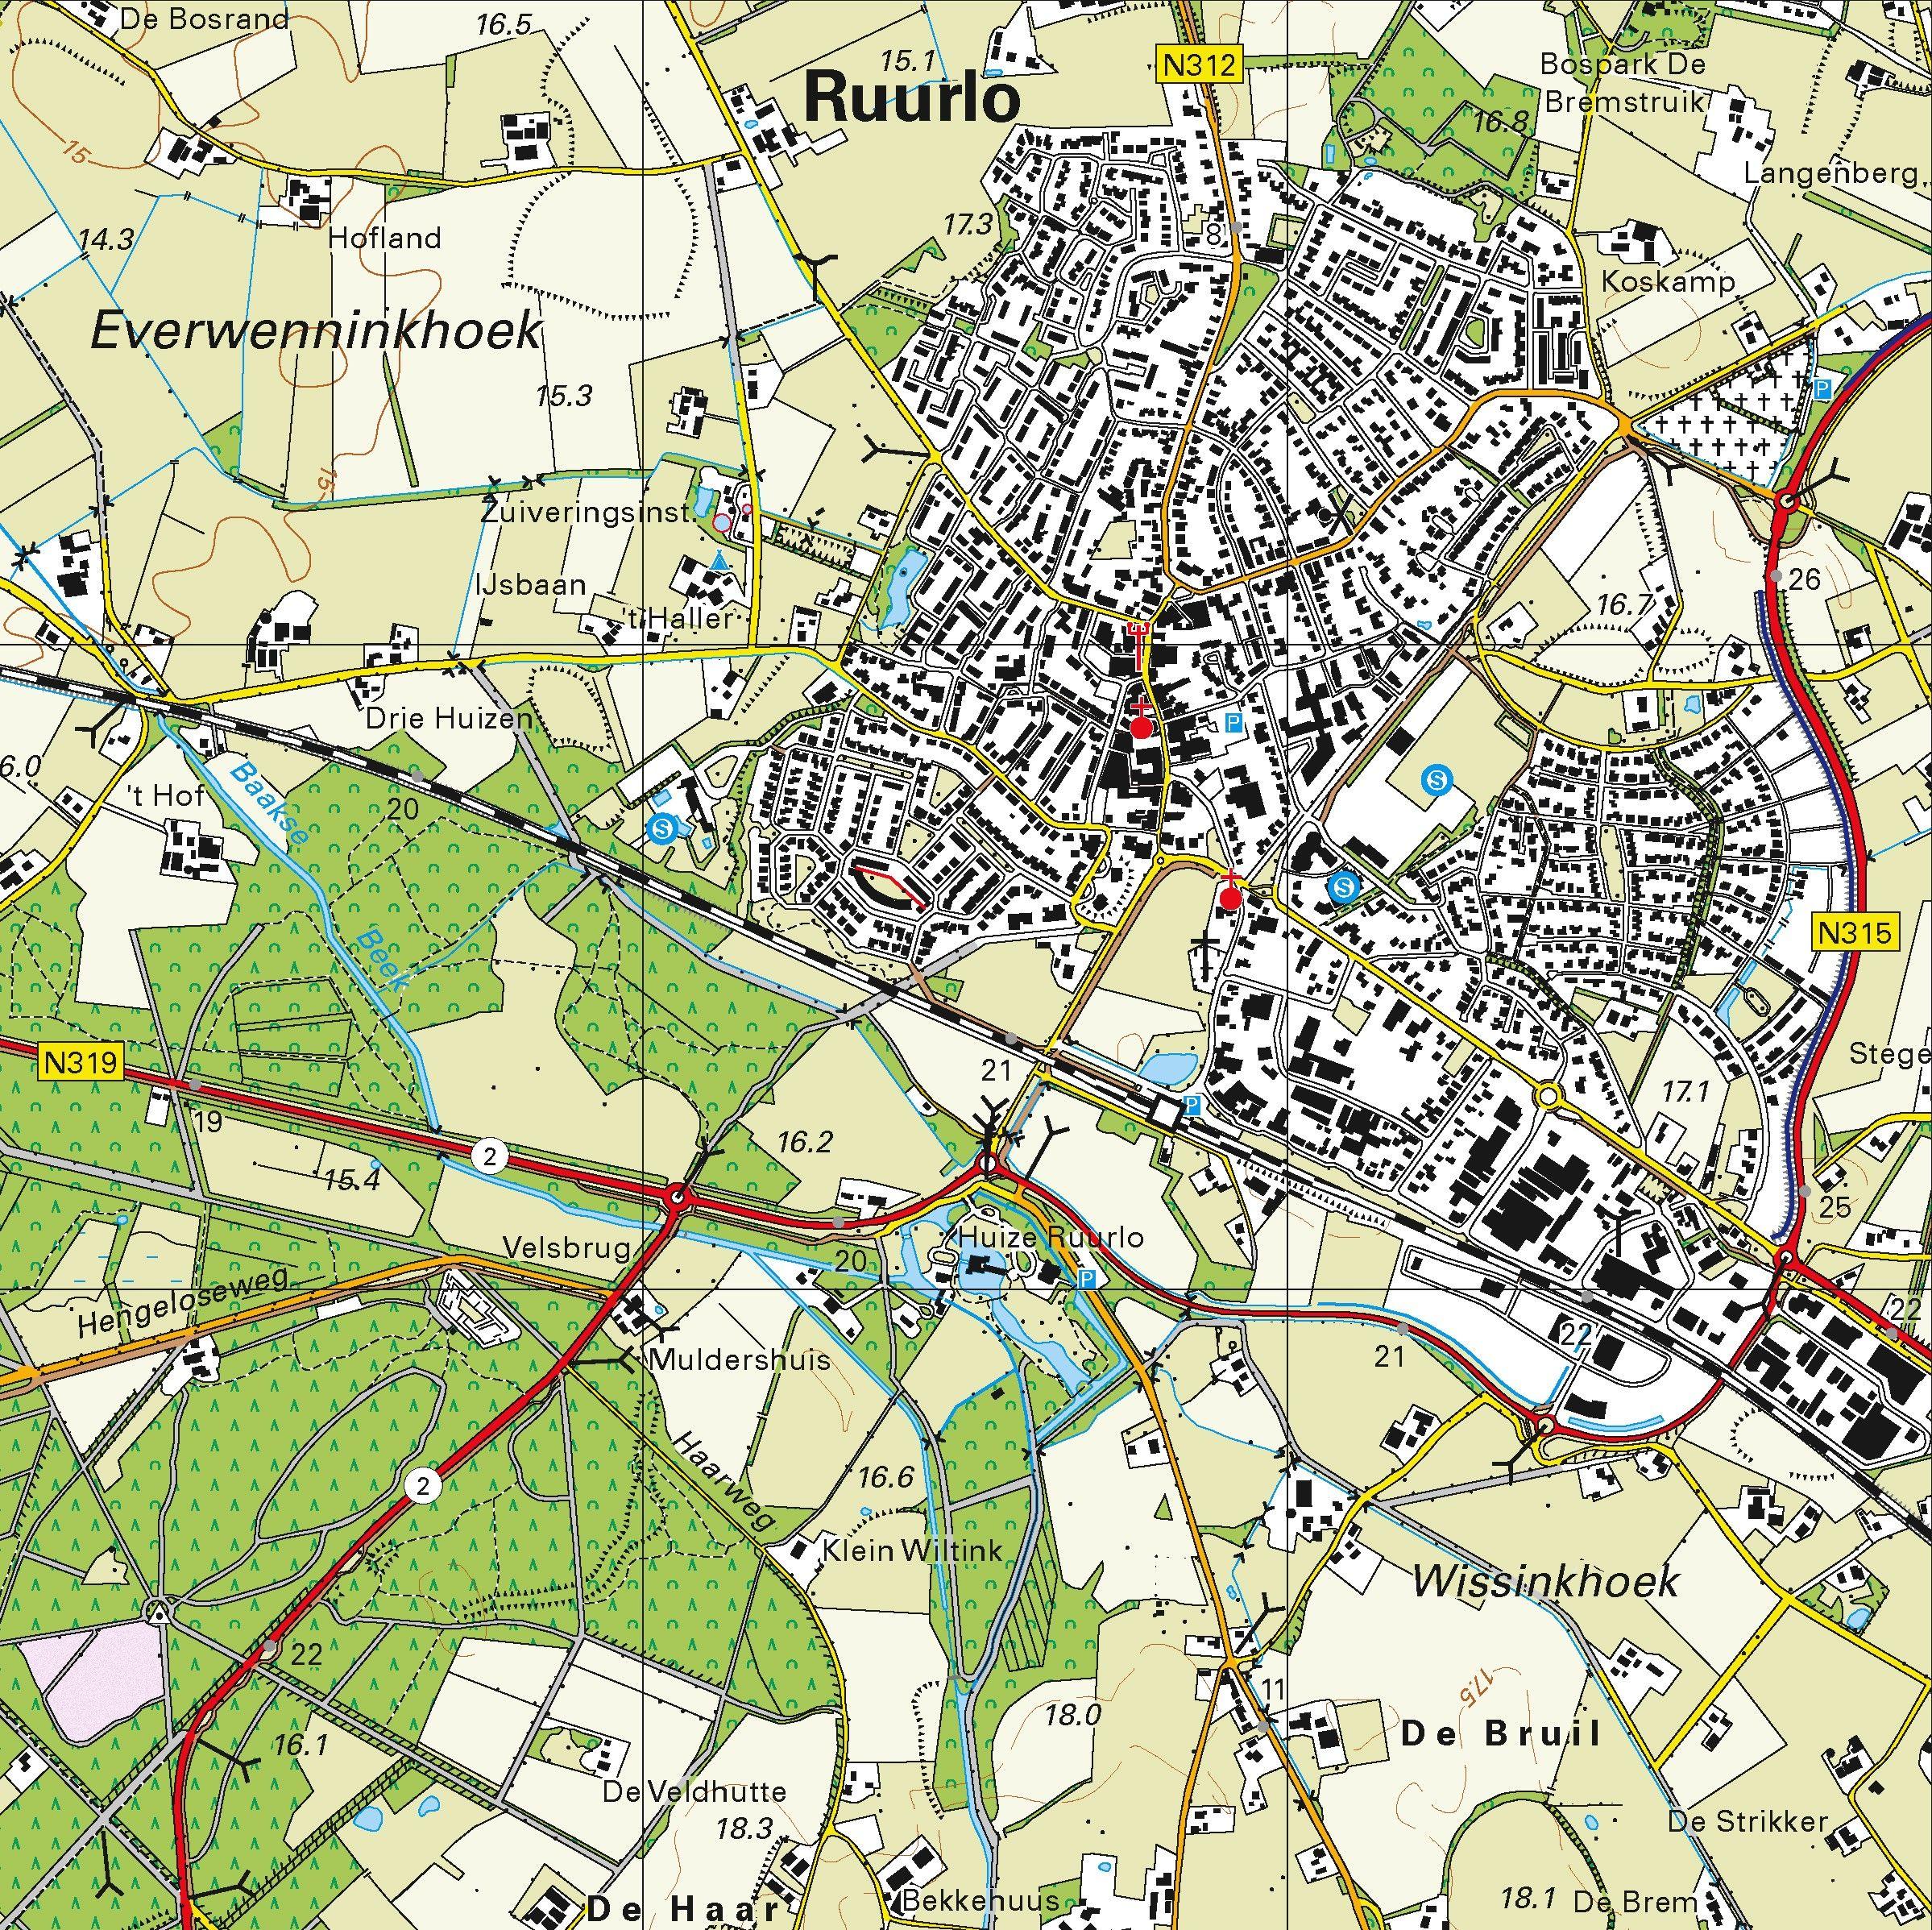 Topografische kaart schaal 1:25.000 (Neede, Borculo, Ruurlo, Groenlo, Lichtenvoorde, Zelhem)